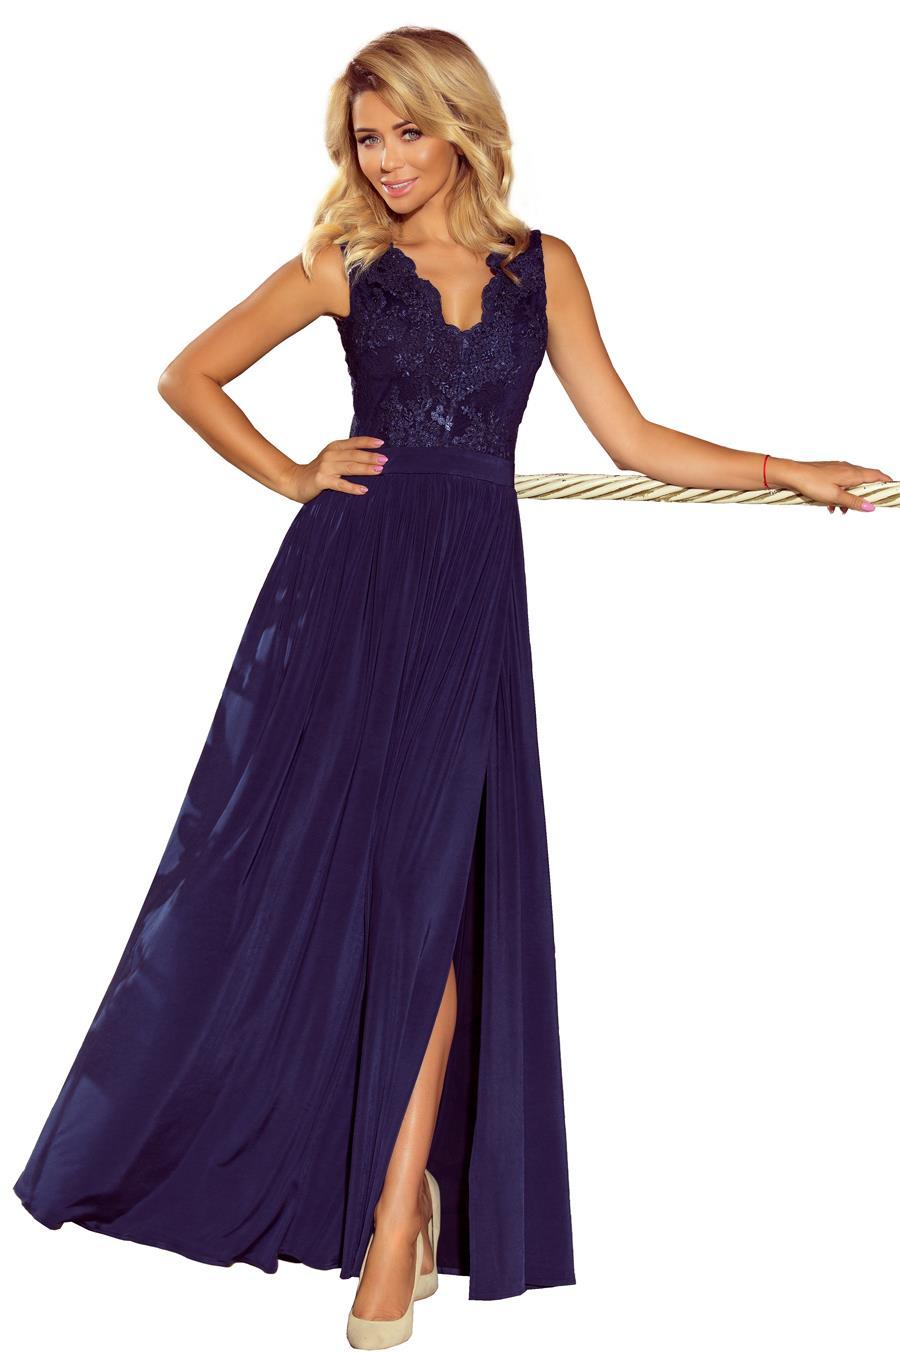 2e25f6fcef Długa Sukienka z Koronkową Górą Granatowa NU215-2. Producent  Numoco